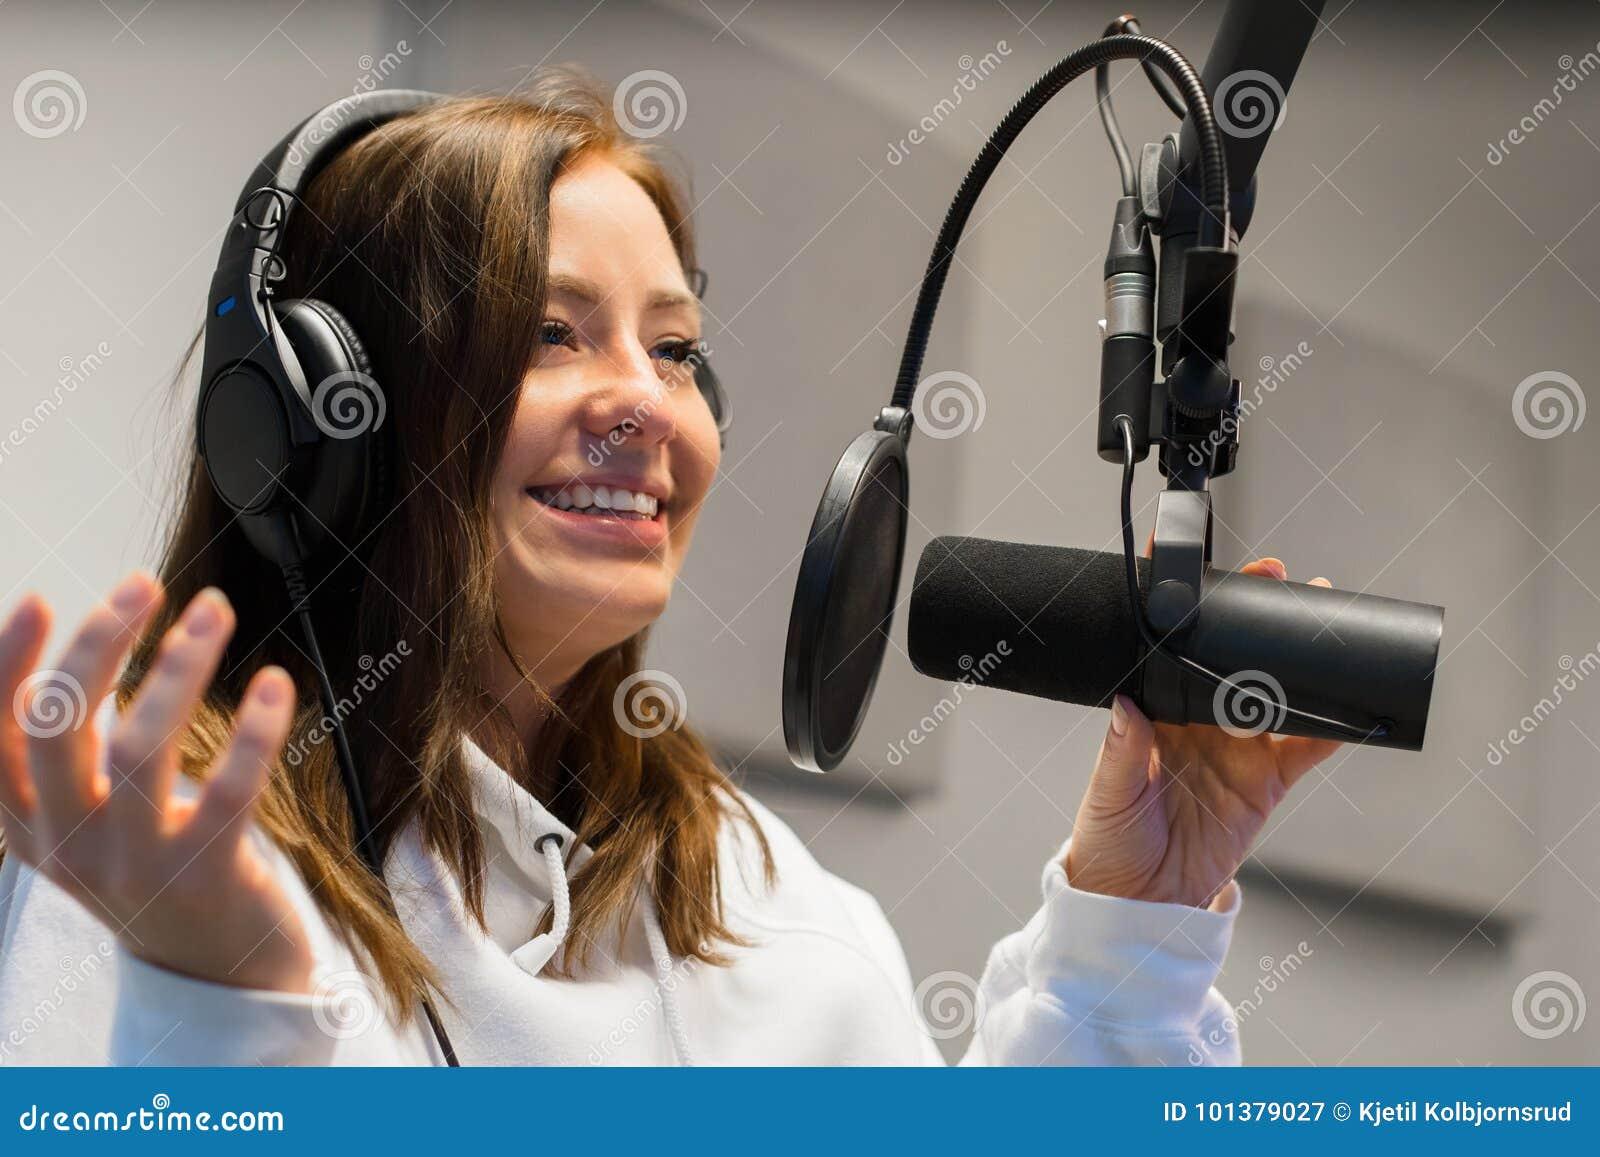 Close-up van een Vrouwelijke Jockey Communicating On Microphone in Radiostudio